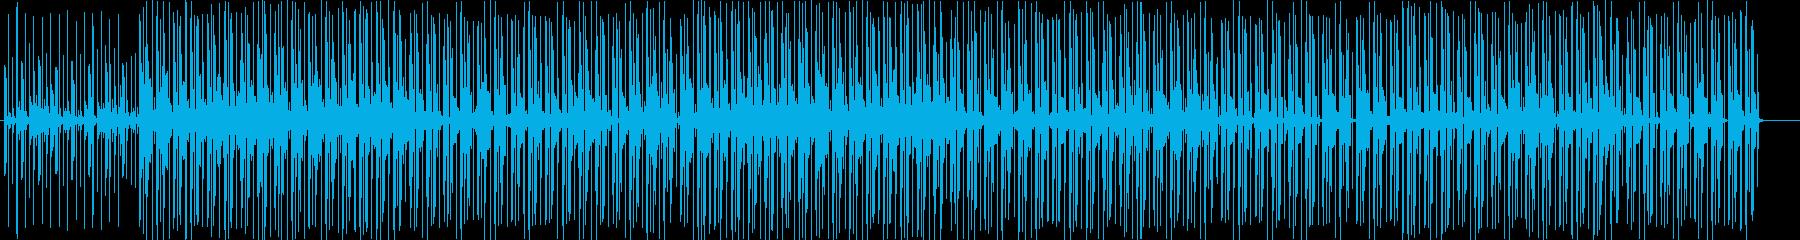 不思議で神秘的なBGMの再生済みの波形